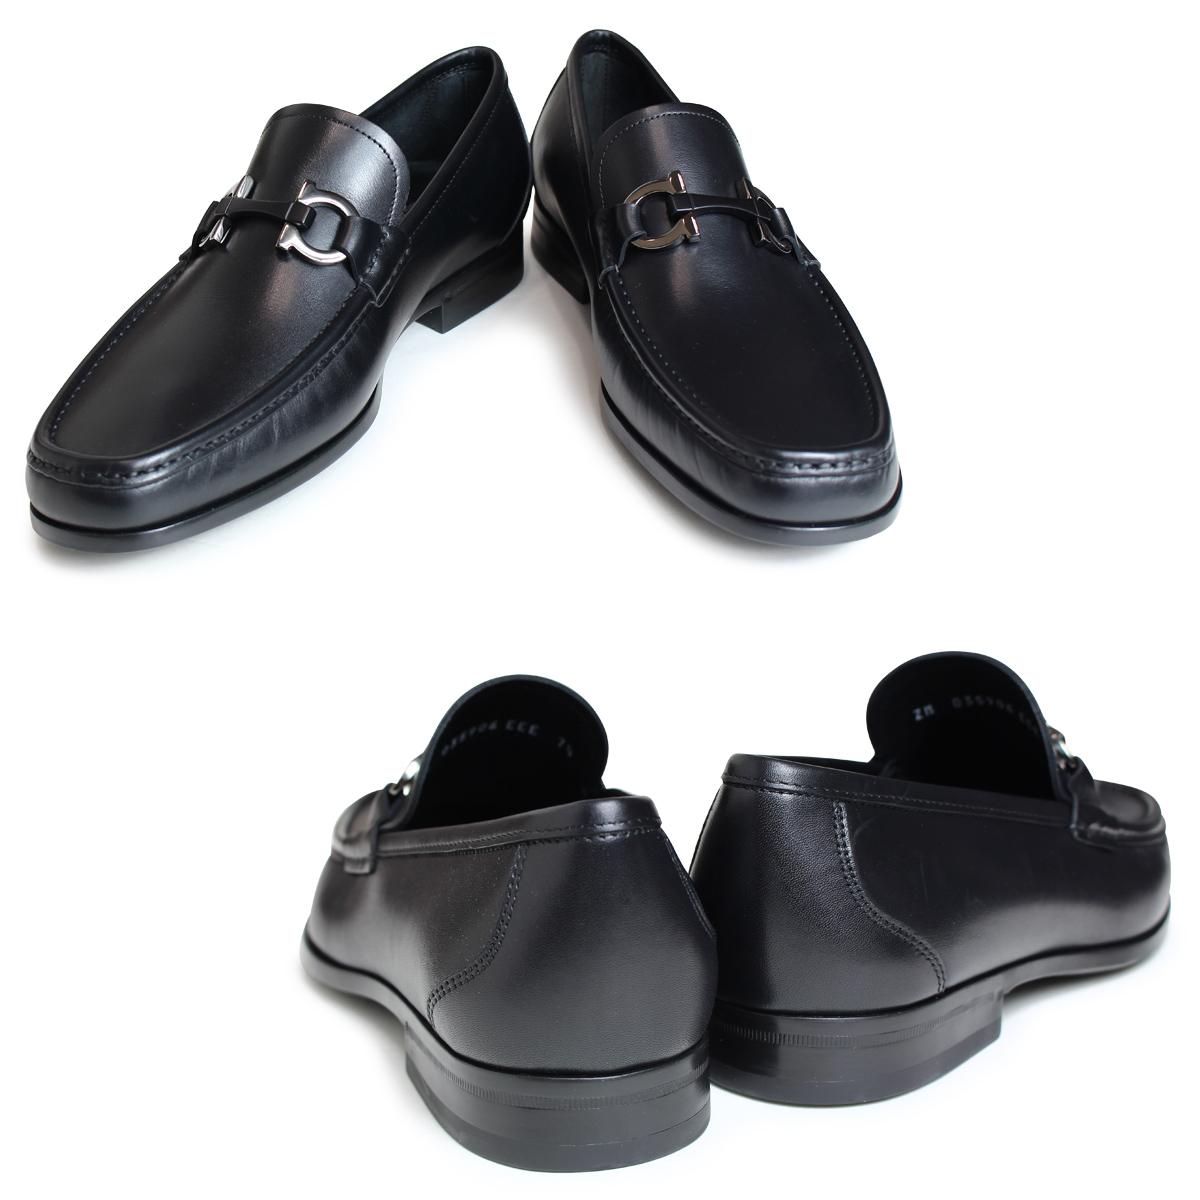 f64362cedf5 Salvatore Ferragamo shoes men Ferragamo bit loafer moccasins shoes  GRANDIOSO black 29392 647705  5 17 Shinnyu load